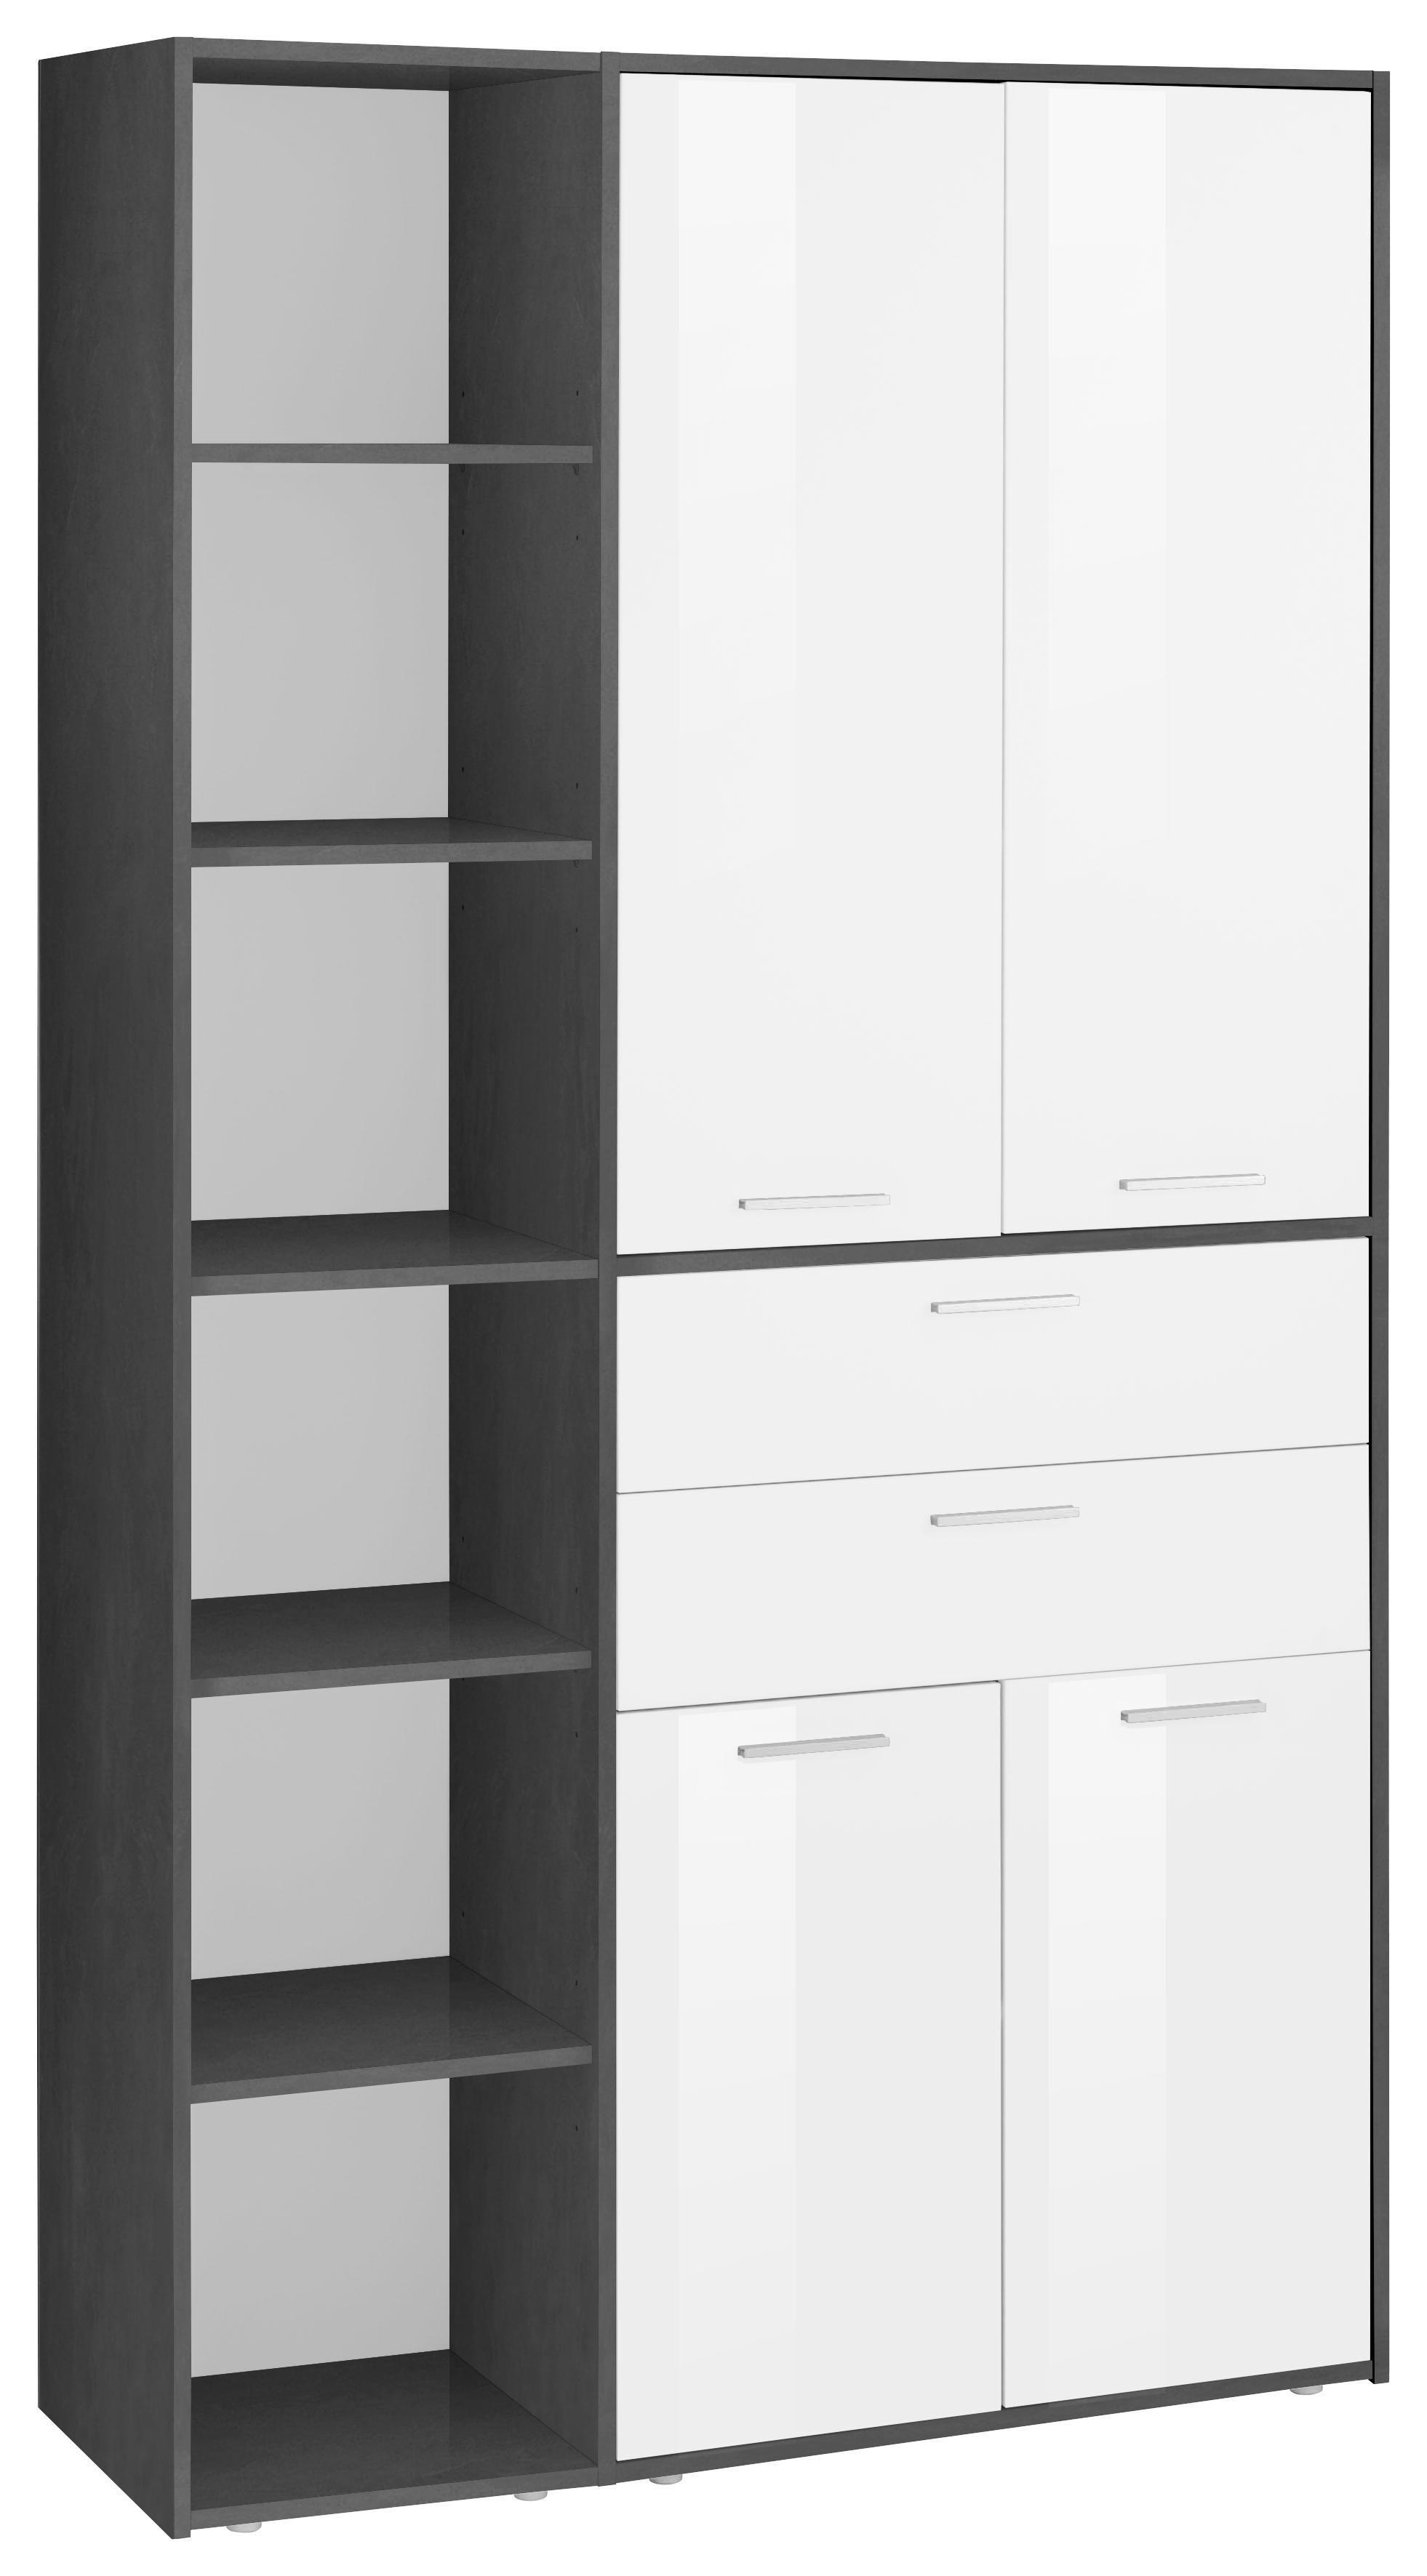 glanz Aktenschränke online kaufen | Möbel-Suchmaschine | ladendirekt.de